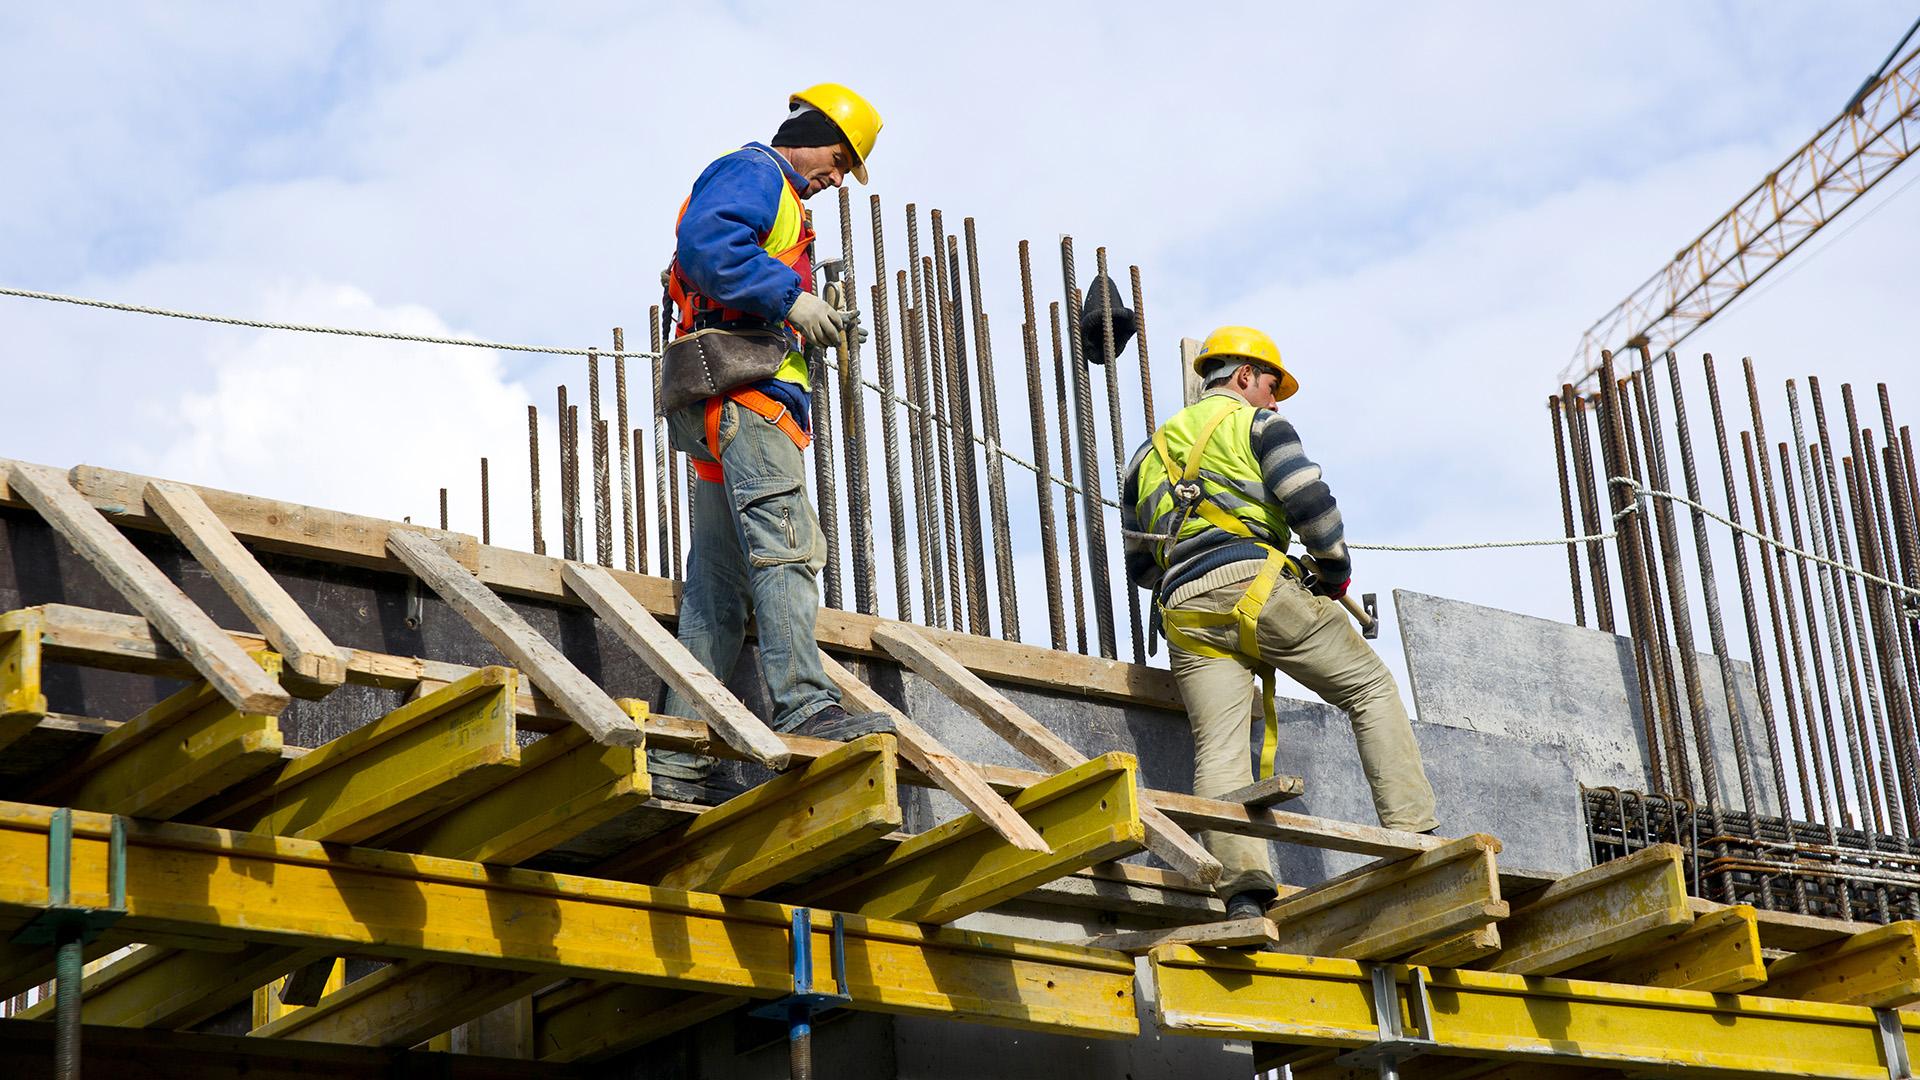 Sicherheitstechnik Stolz - Baustellensicherheit